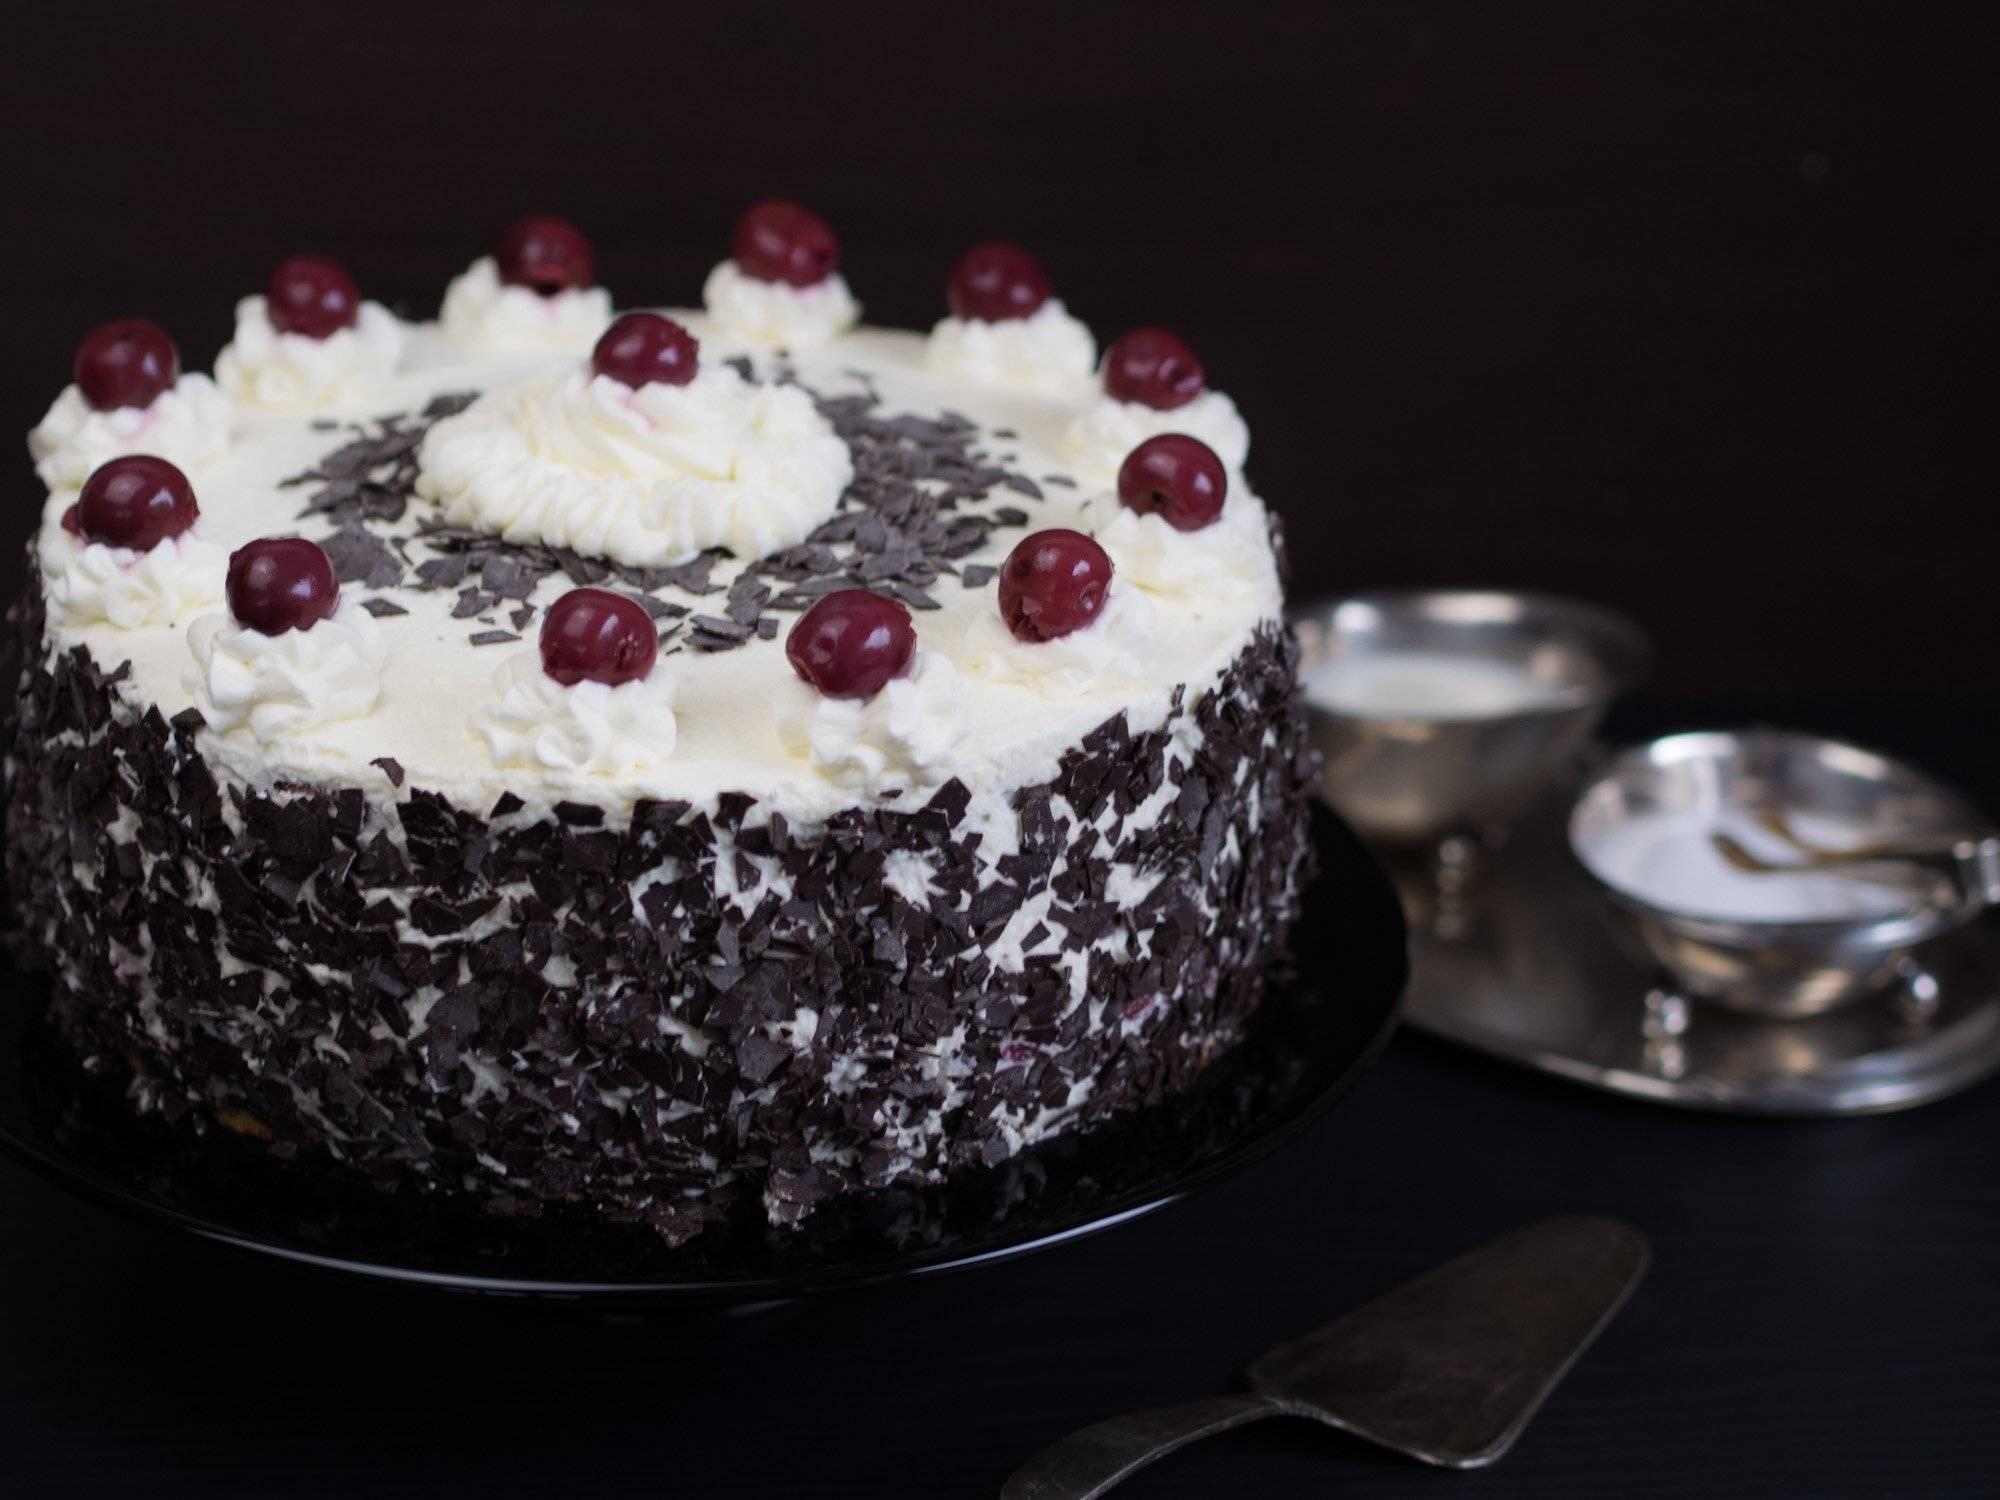 Шварцвальдский вишневый торт: секреты приготовления - будет вкусно! - медиаплатформа миртесен